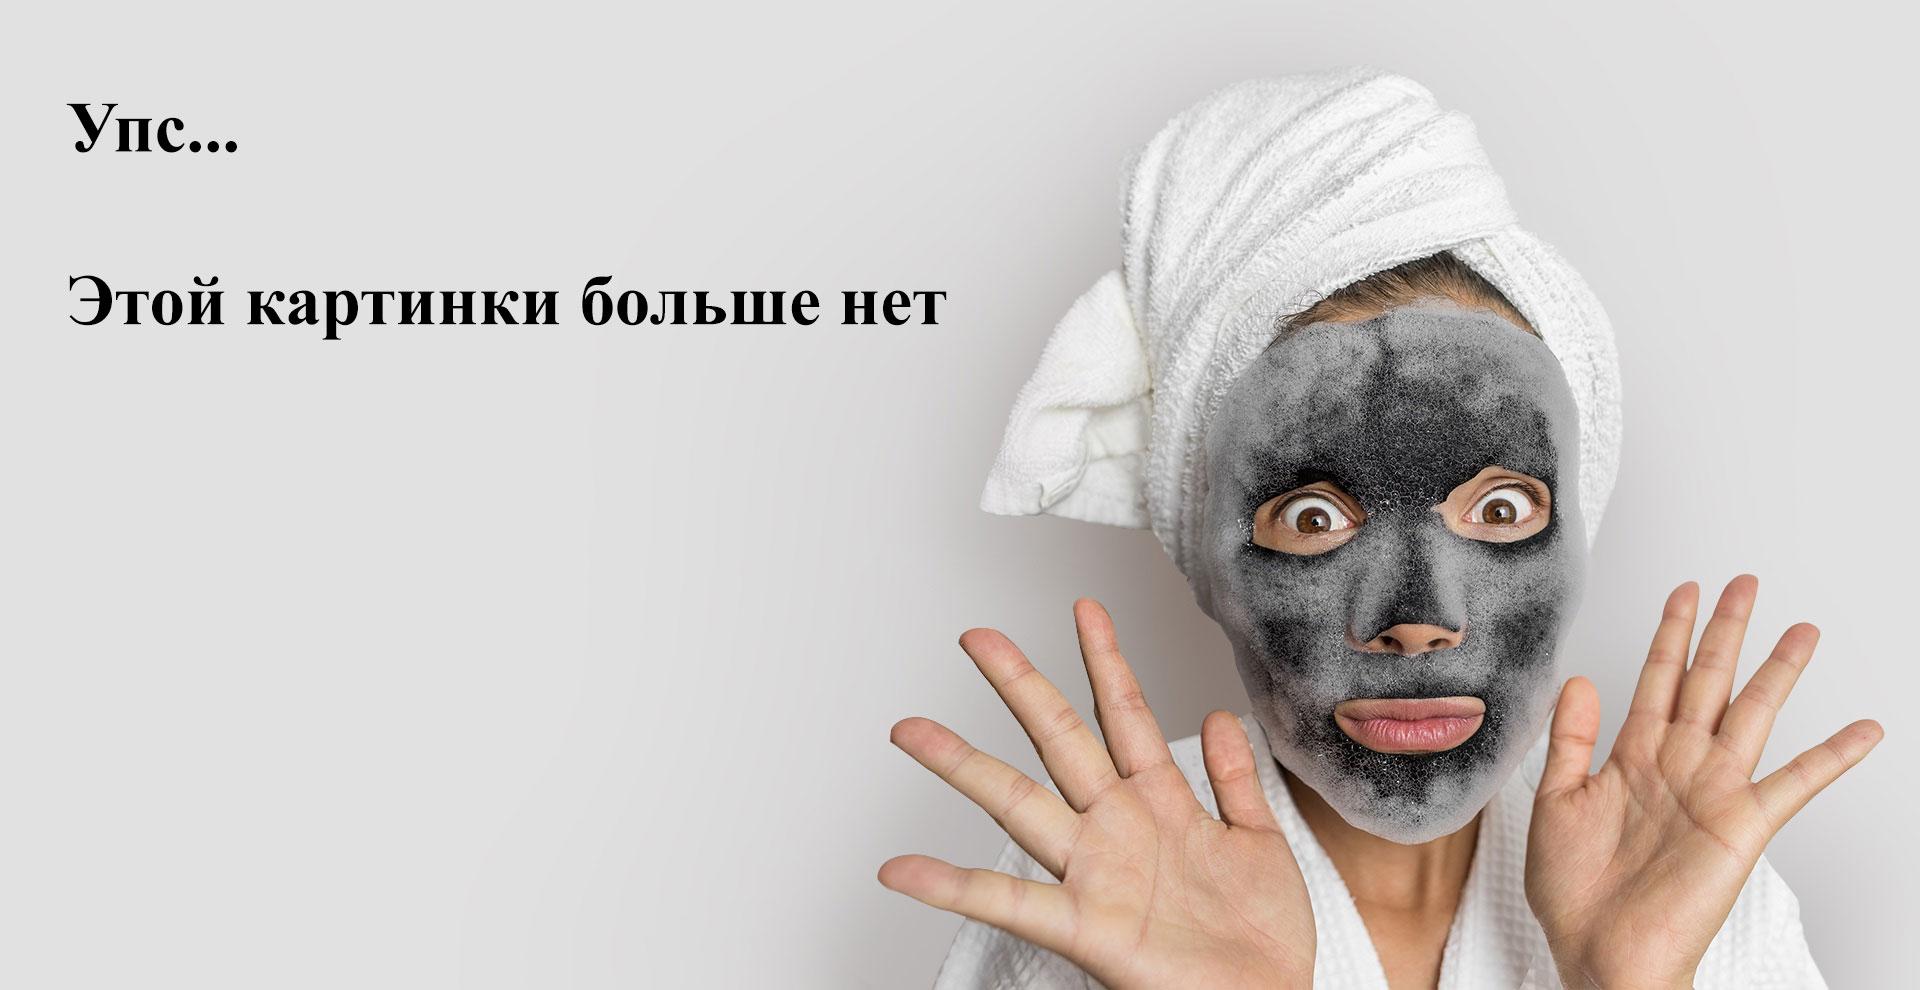 El'Skin, Маска для глаз «Экспресс-увлажнение», 1 шт.